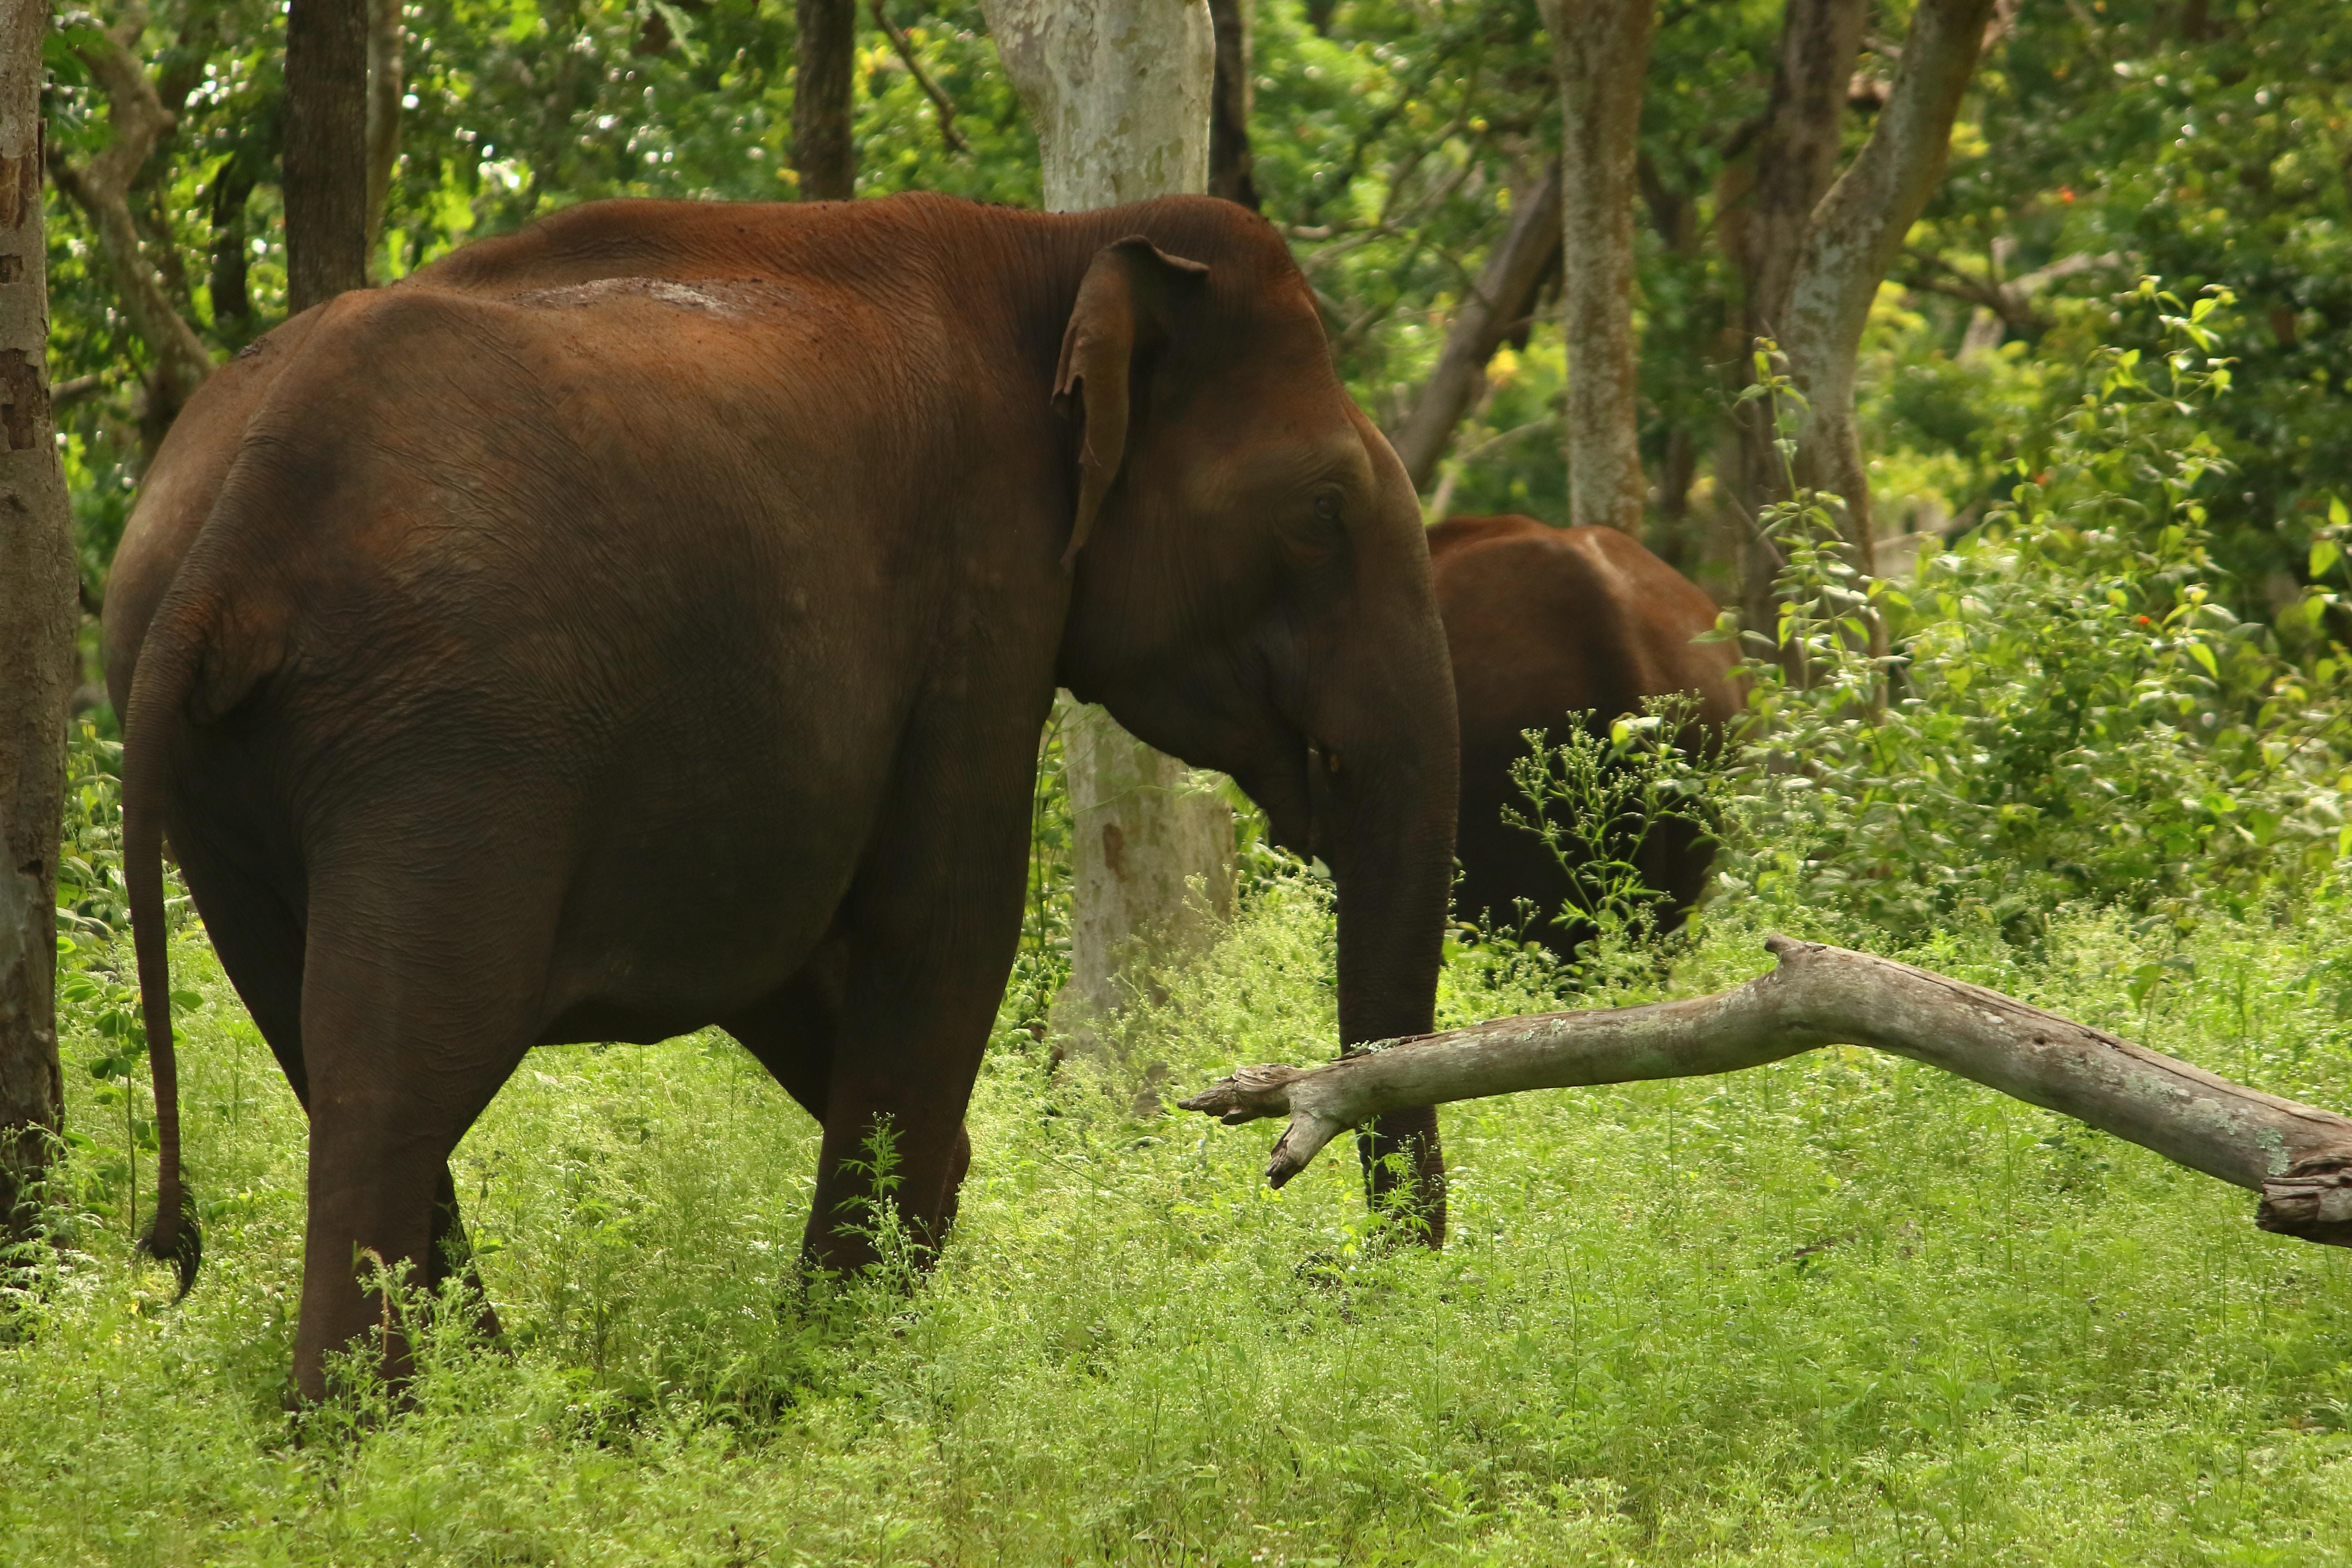 Image by Saketh Upadhya